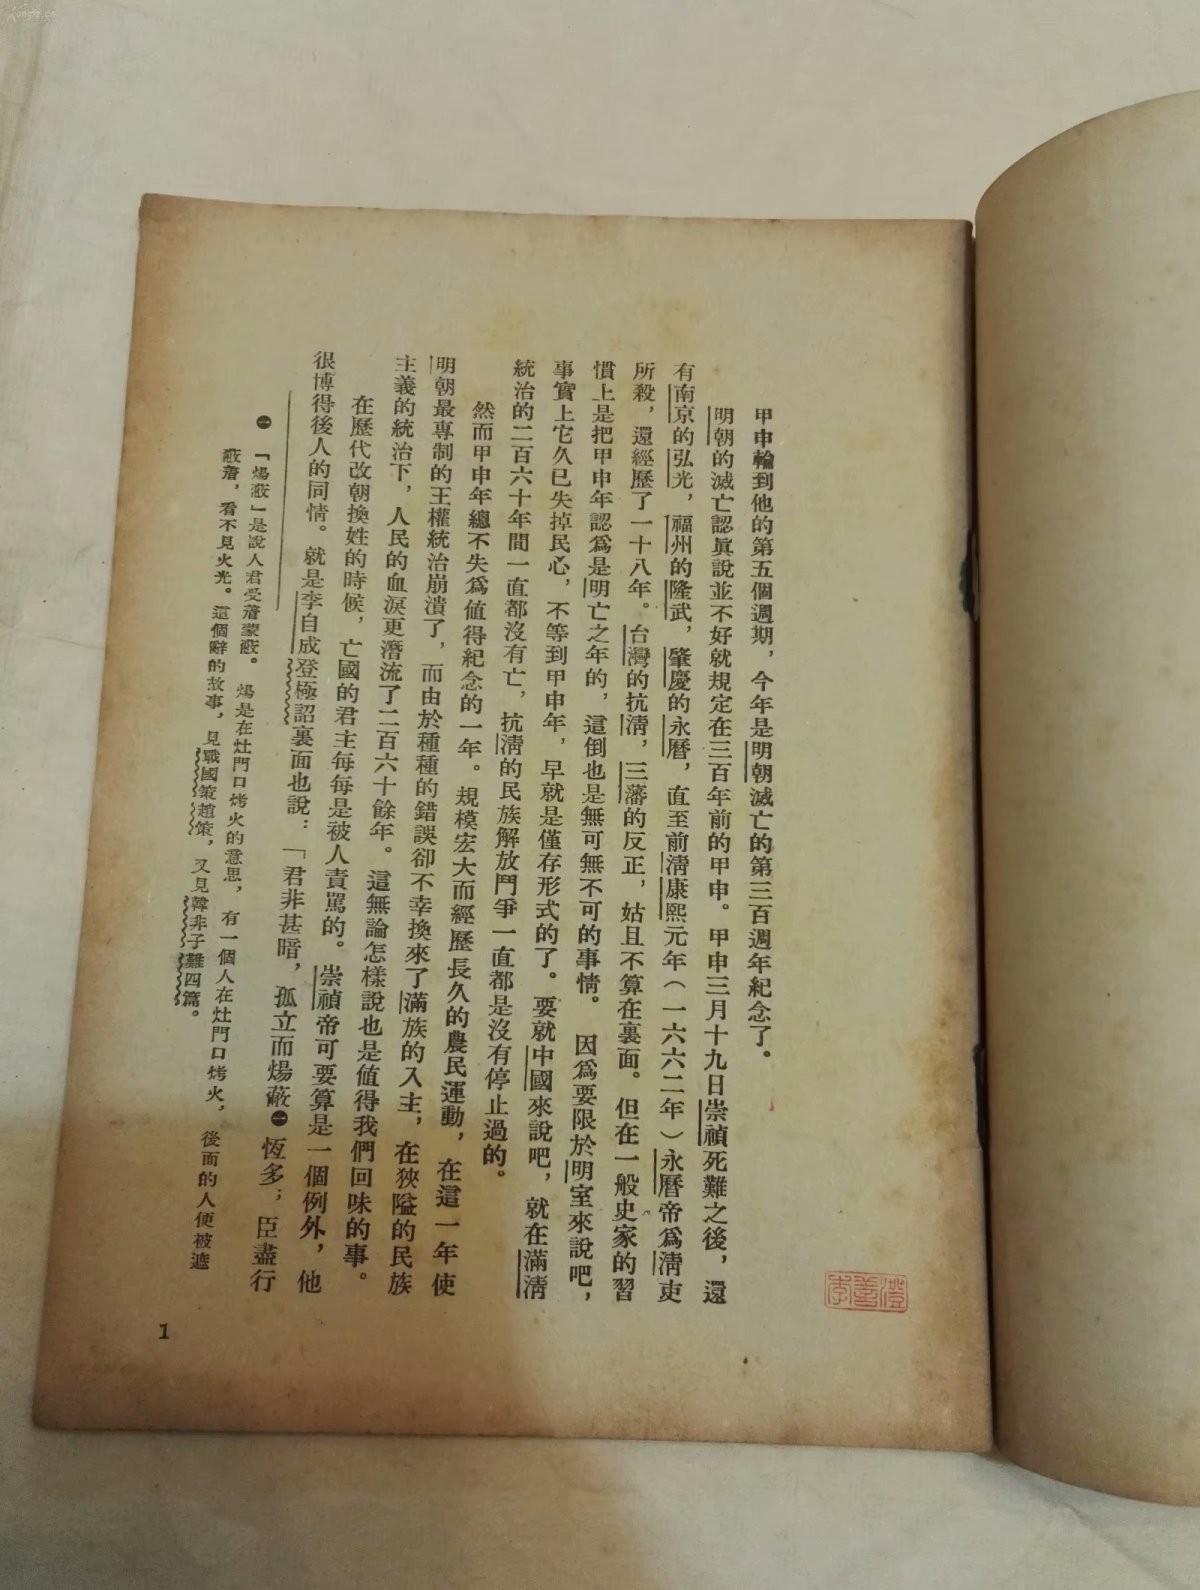 """毛泽东器重的郭氏版《甲申三百年祭》和""""汉奸版""""《甲申三百年祭》 ... ..._图1-2"""